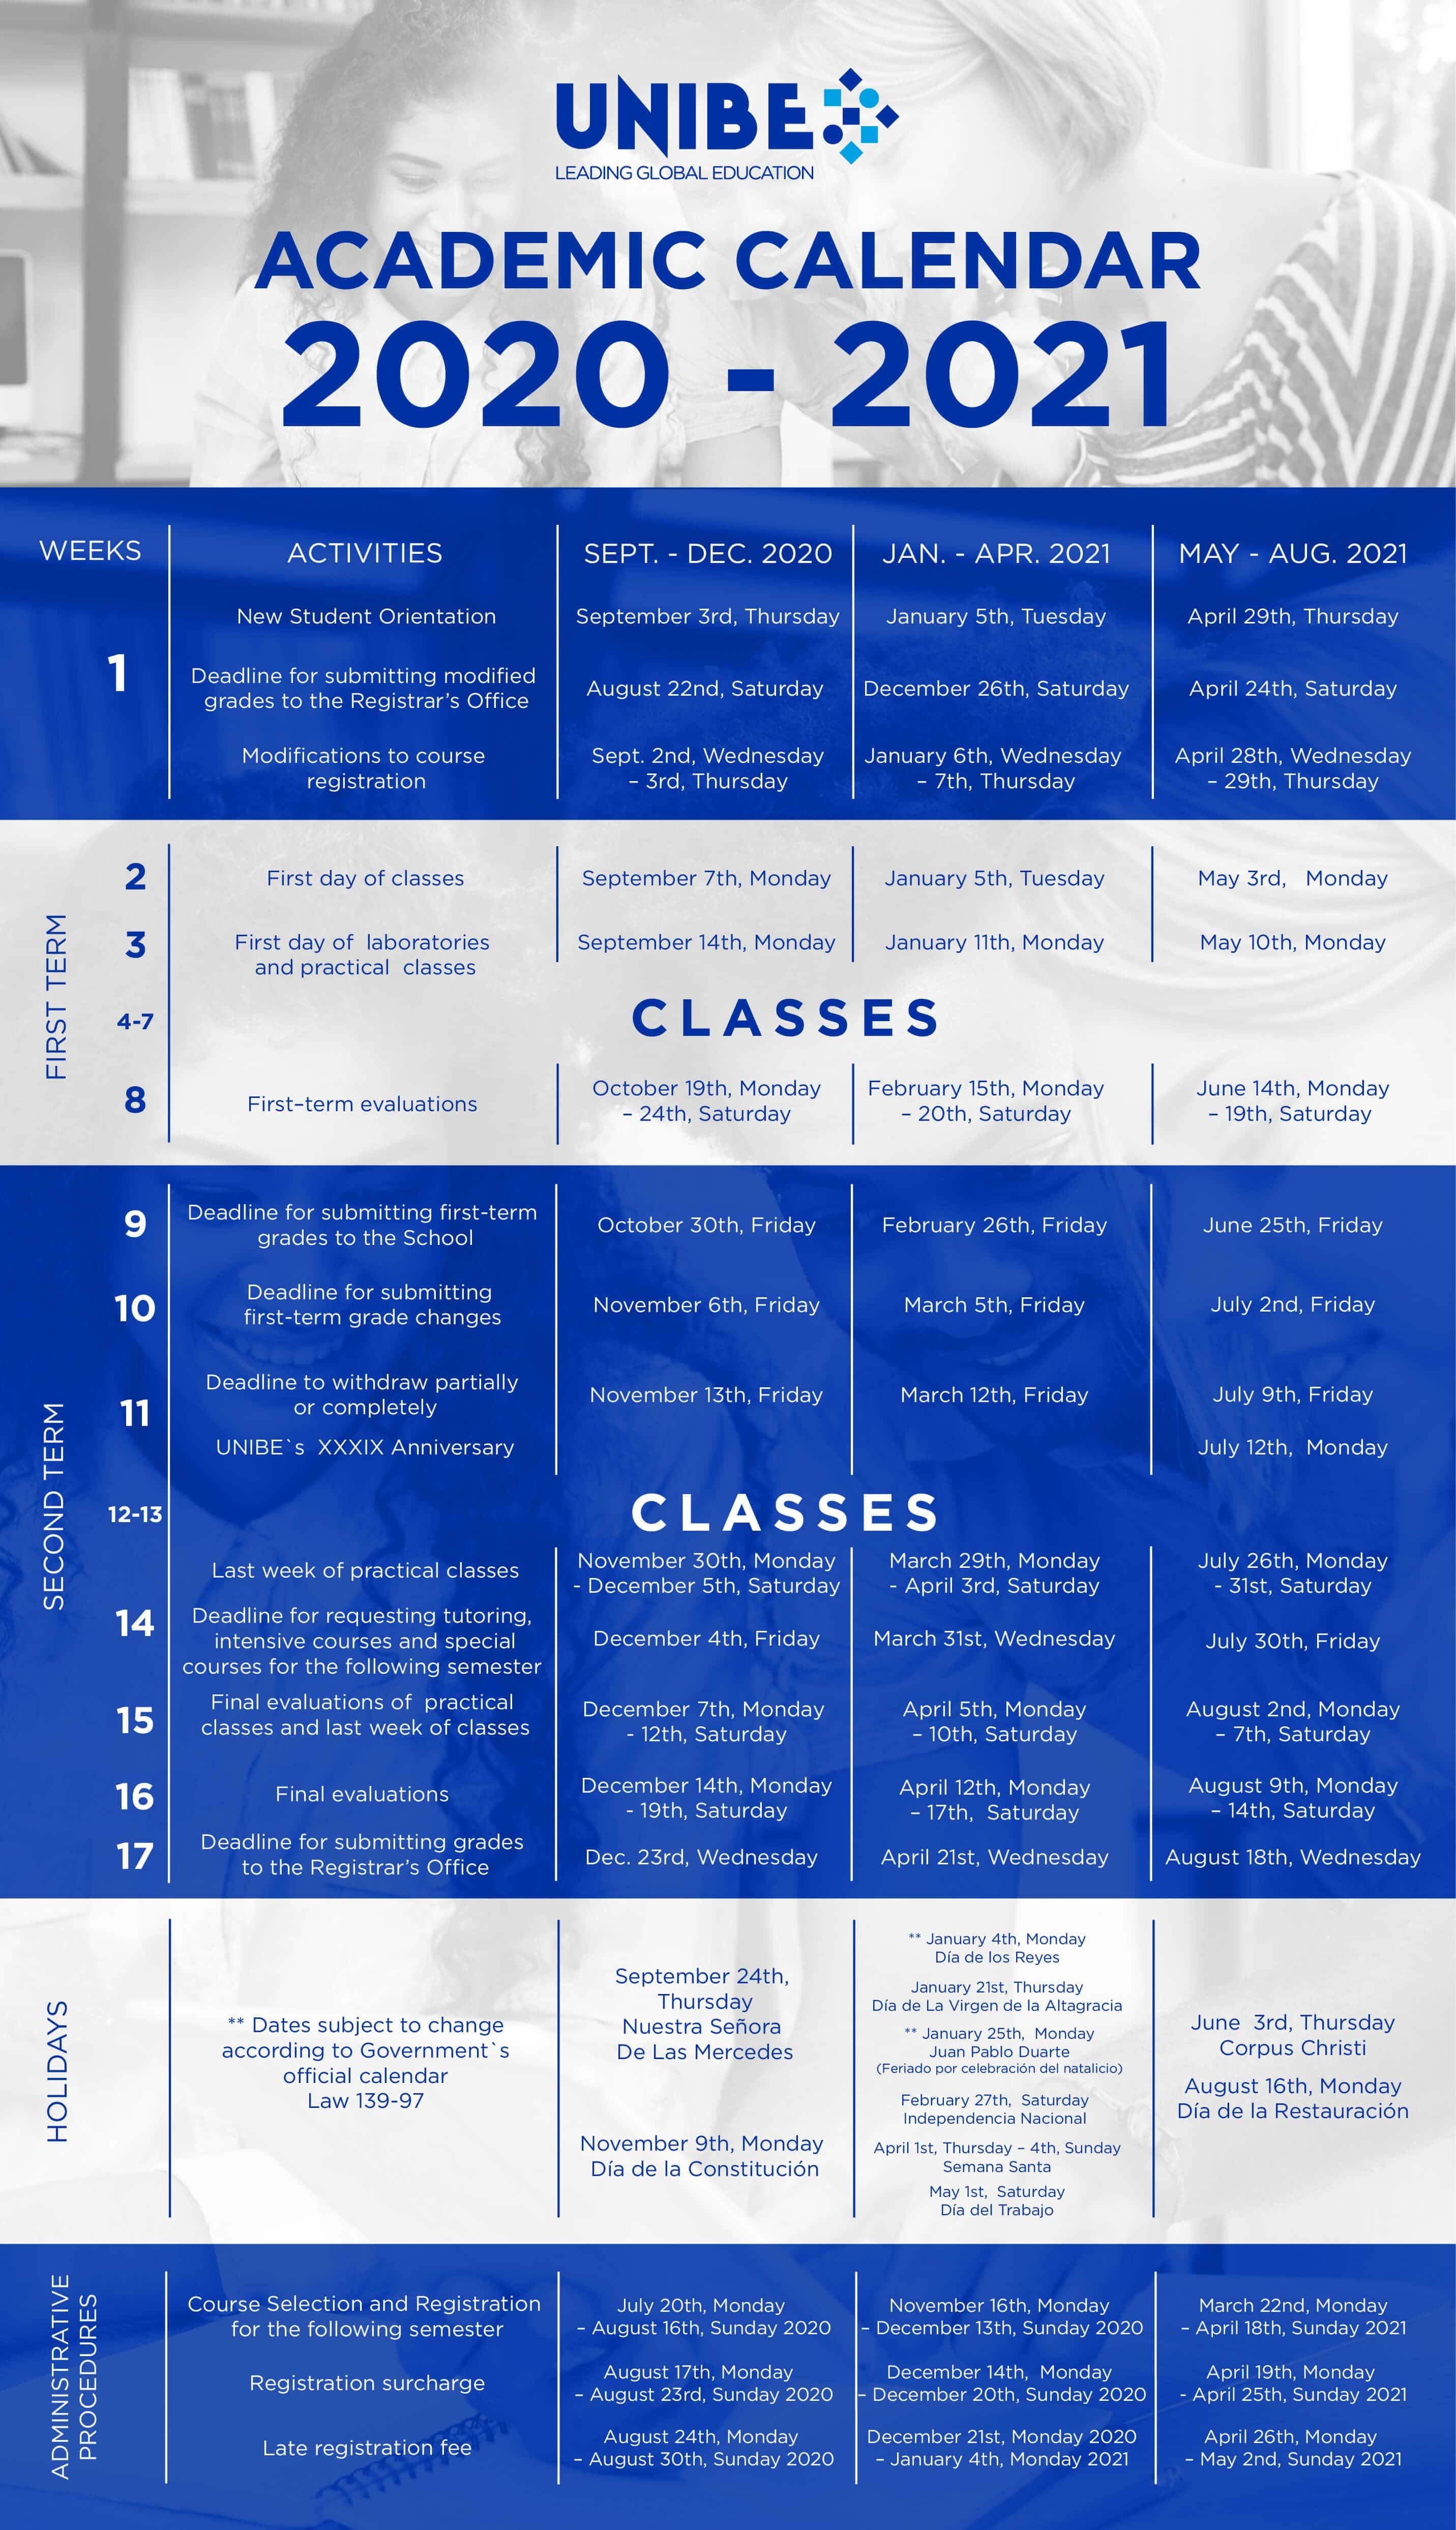 Calendario Academico 2020-2021